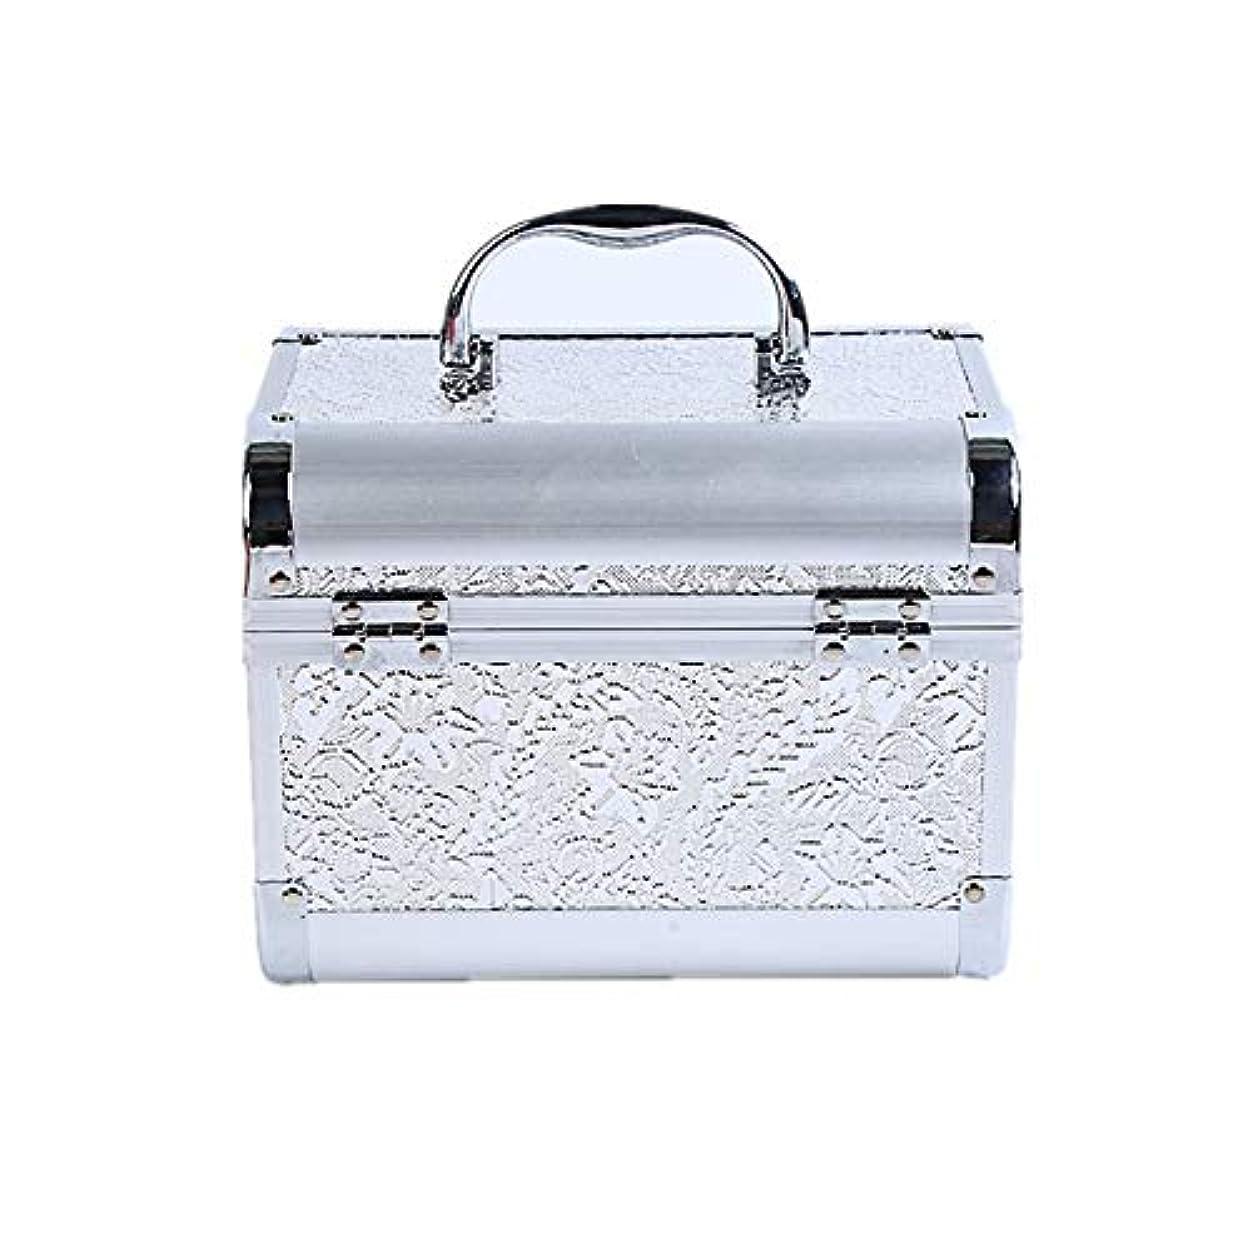 化粧オーガナイザーバッグ コード化されたロックと化粧鏡で小さなものの種類の旅行のための美容メイクアップのための白い化粧ケース 化粧品ケース